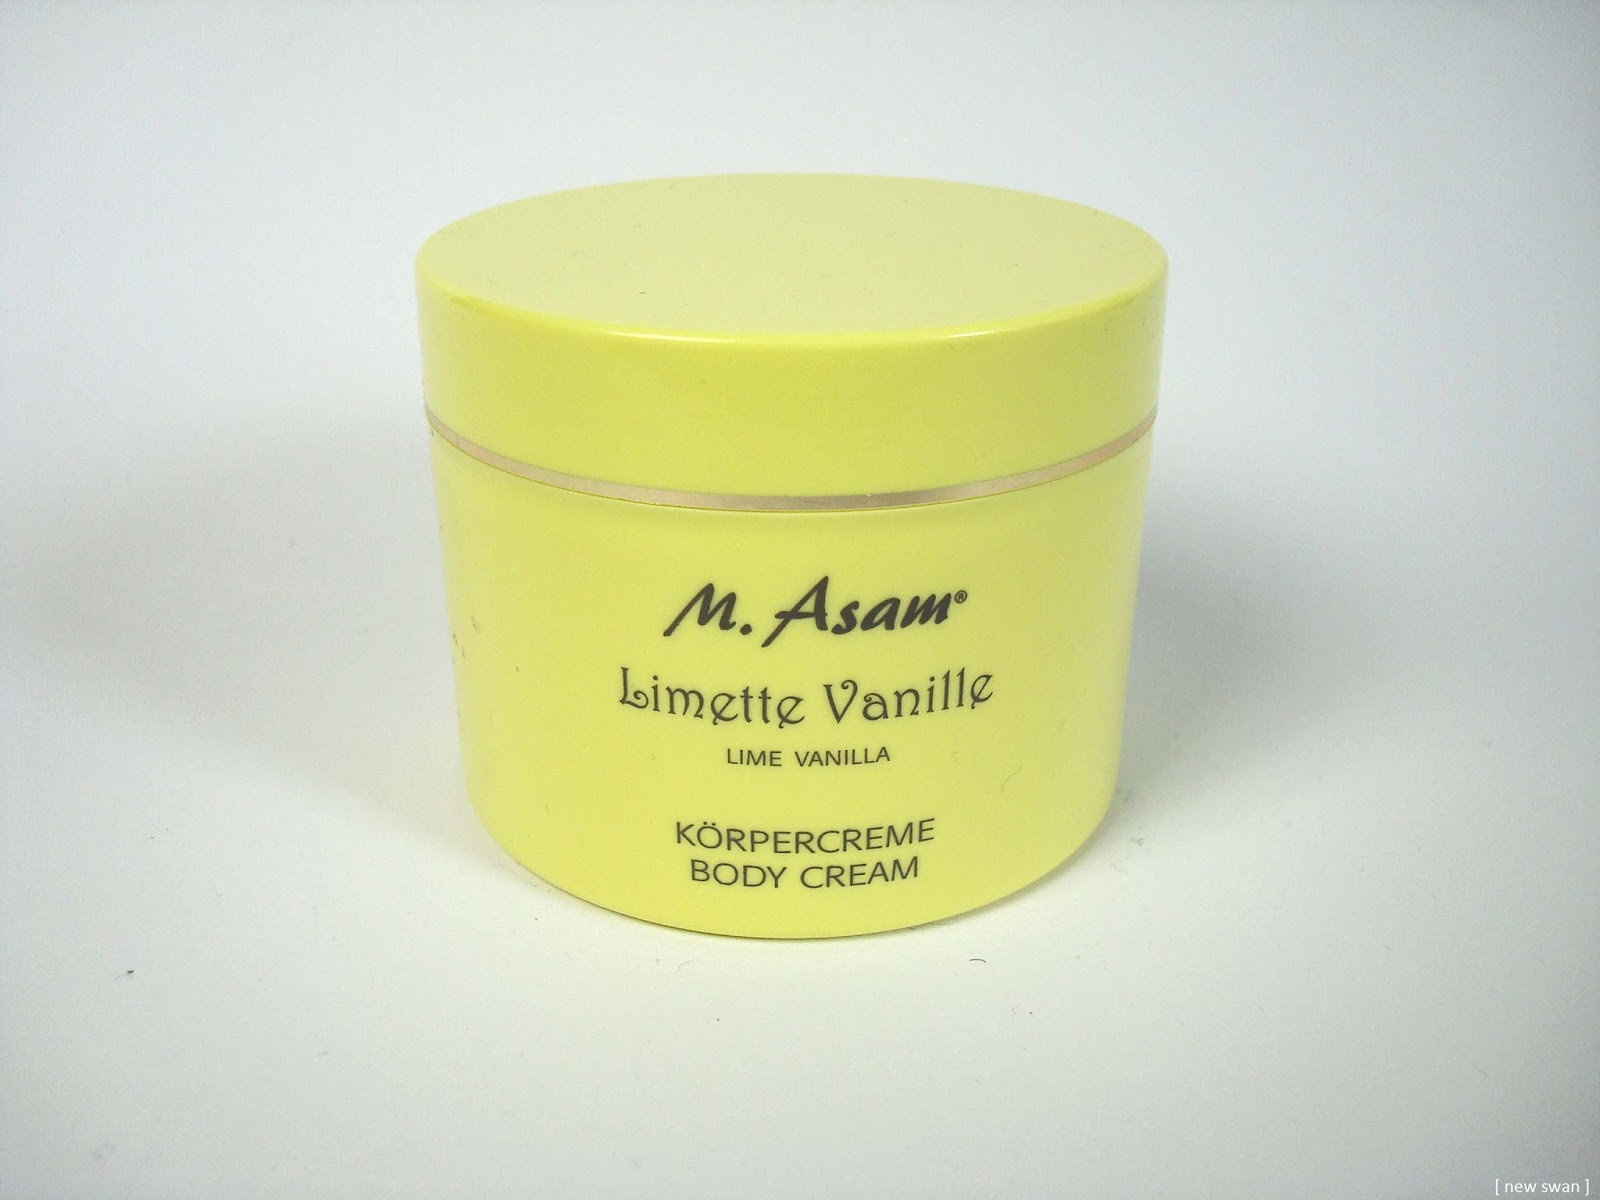 Limette Vanille Körperceme von M. Asam